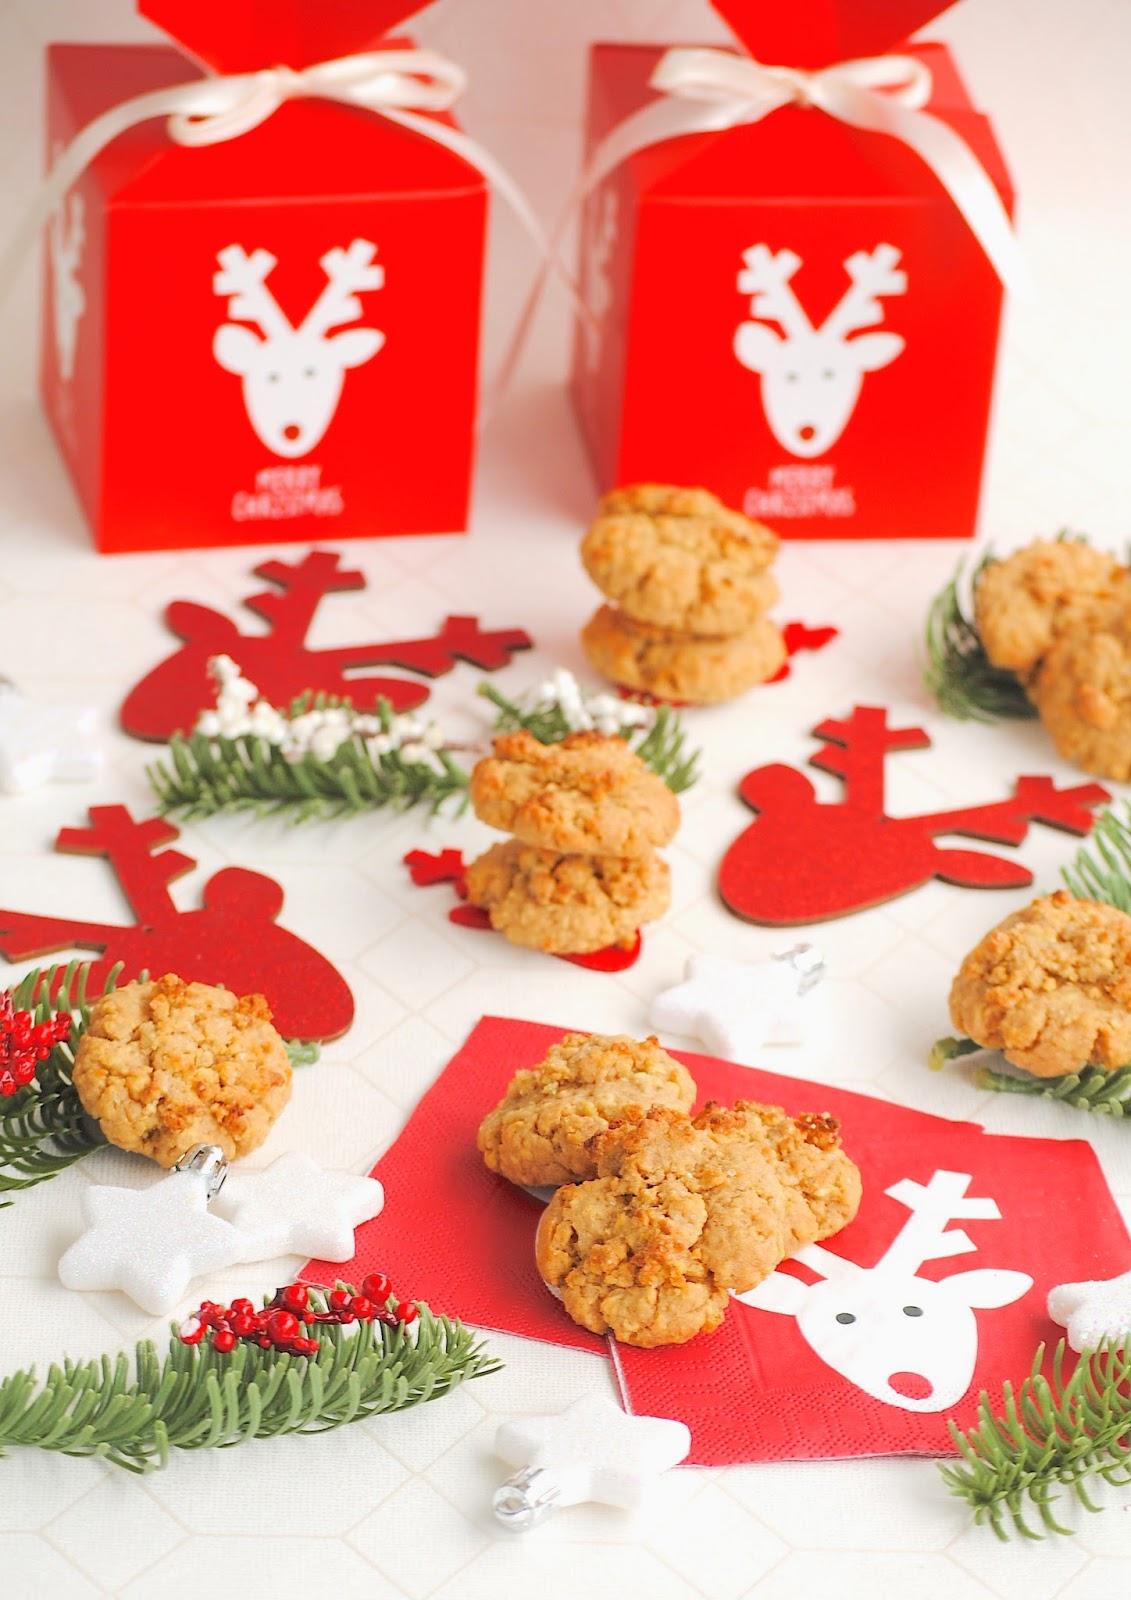 Cocinando con neus diciembre 2017 for Cocina 5 ingredientes jamie oliver